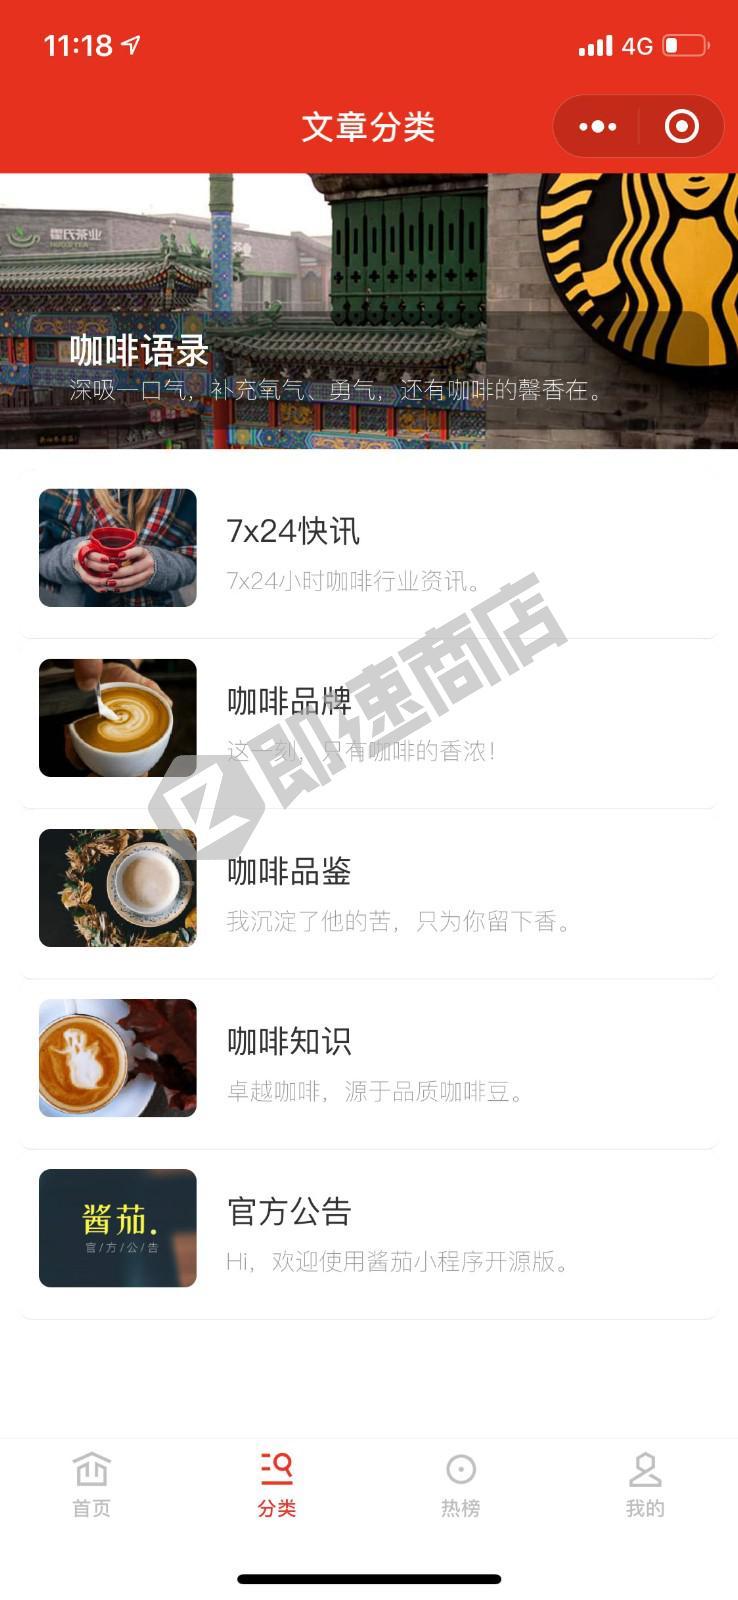 酱茄小程序 – 人人咖啡师小程序详情页截图